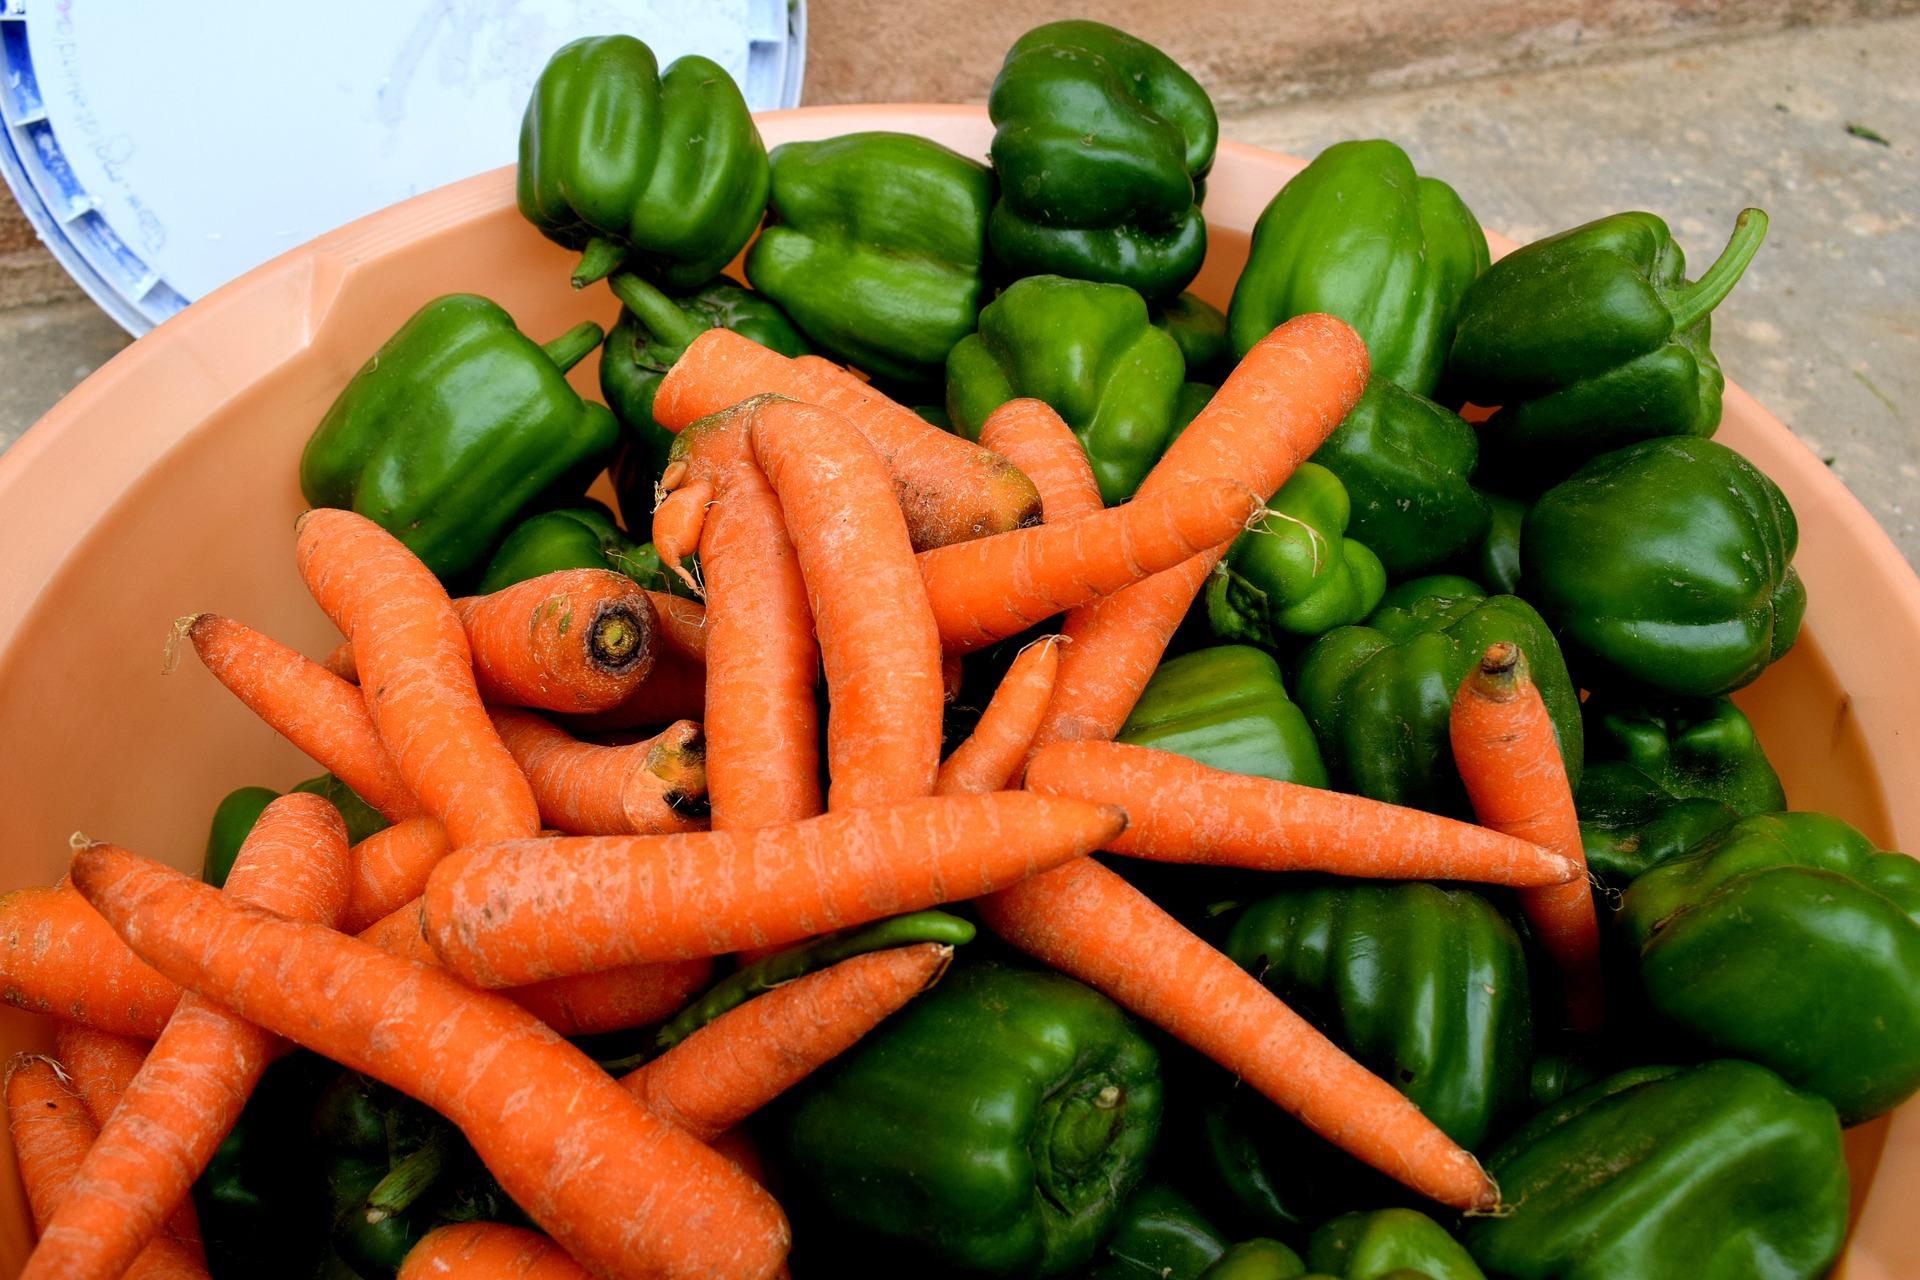 vegetables-3867524_1920